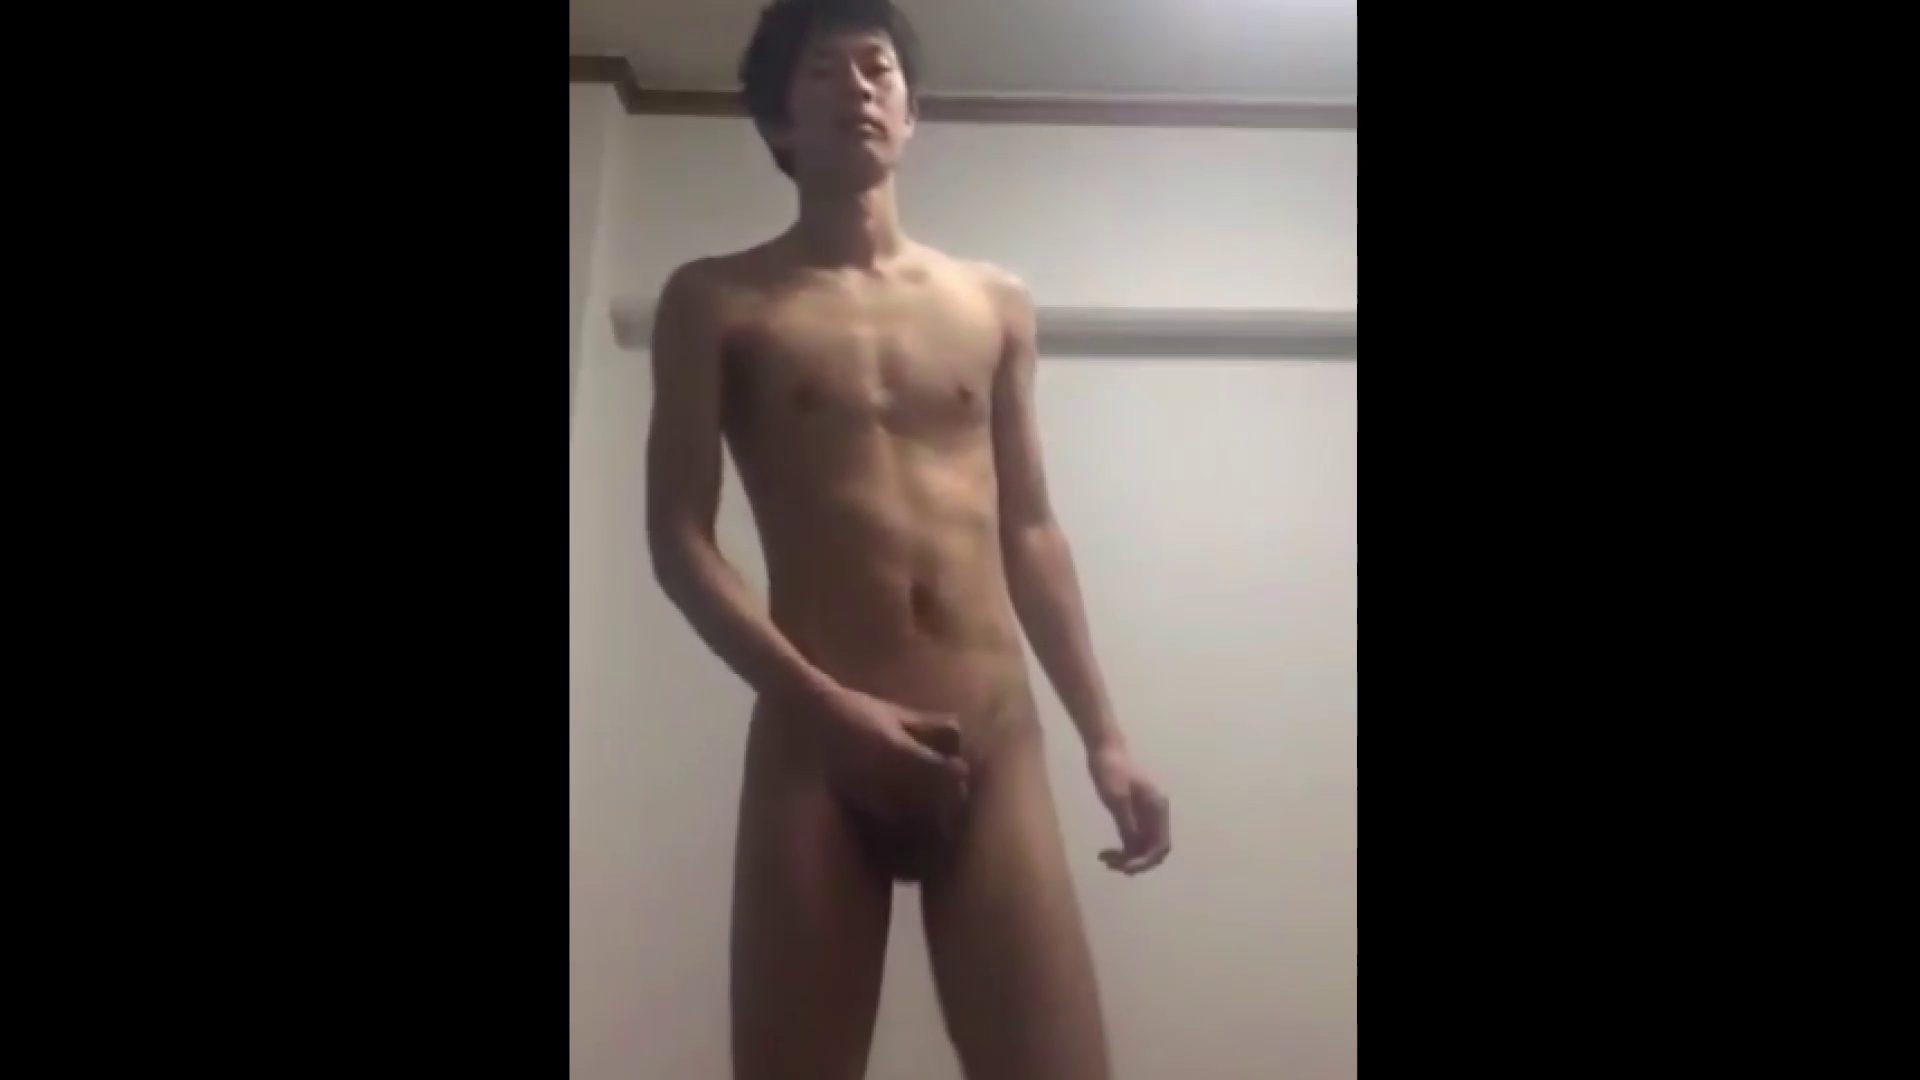 巨根 オナニー塾Vol.20 モ無し エロビデオ紹介 100枚 73